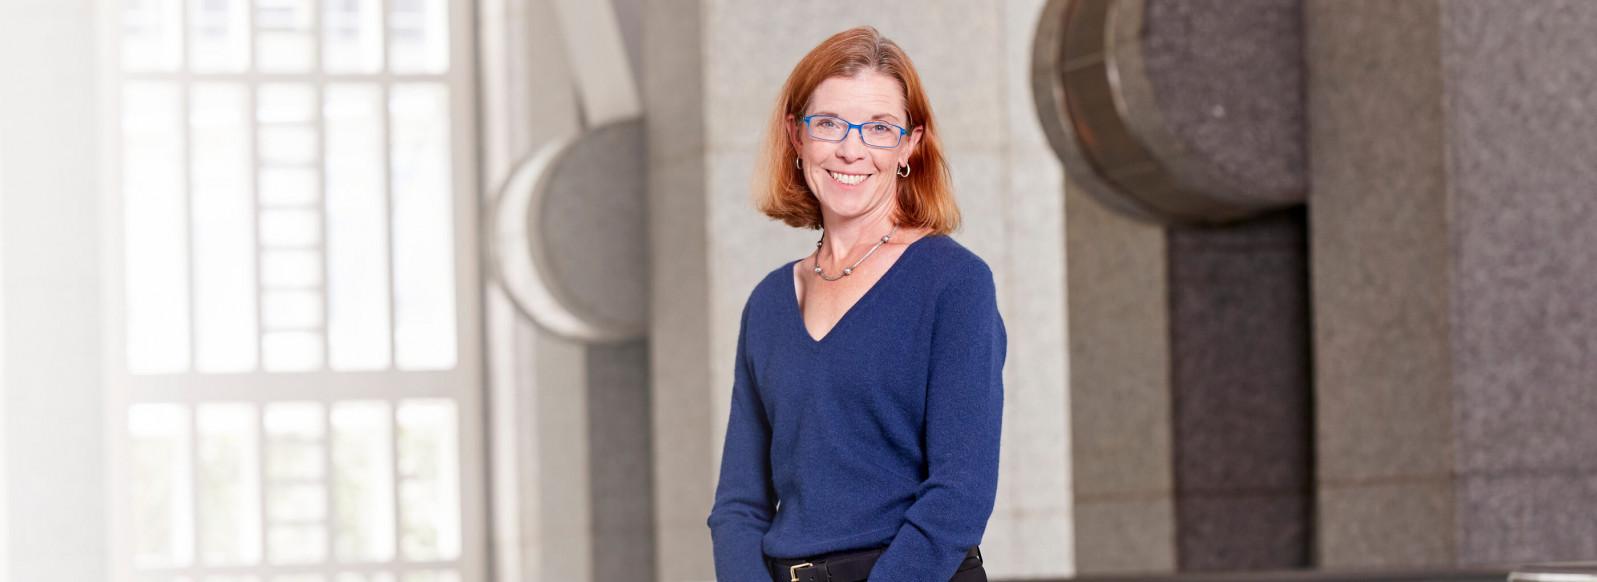 Julie A. Wood